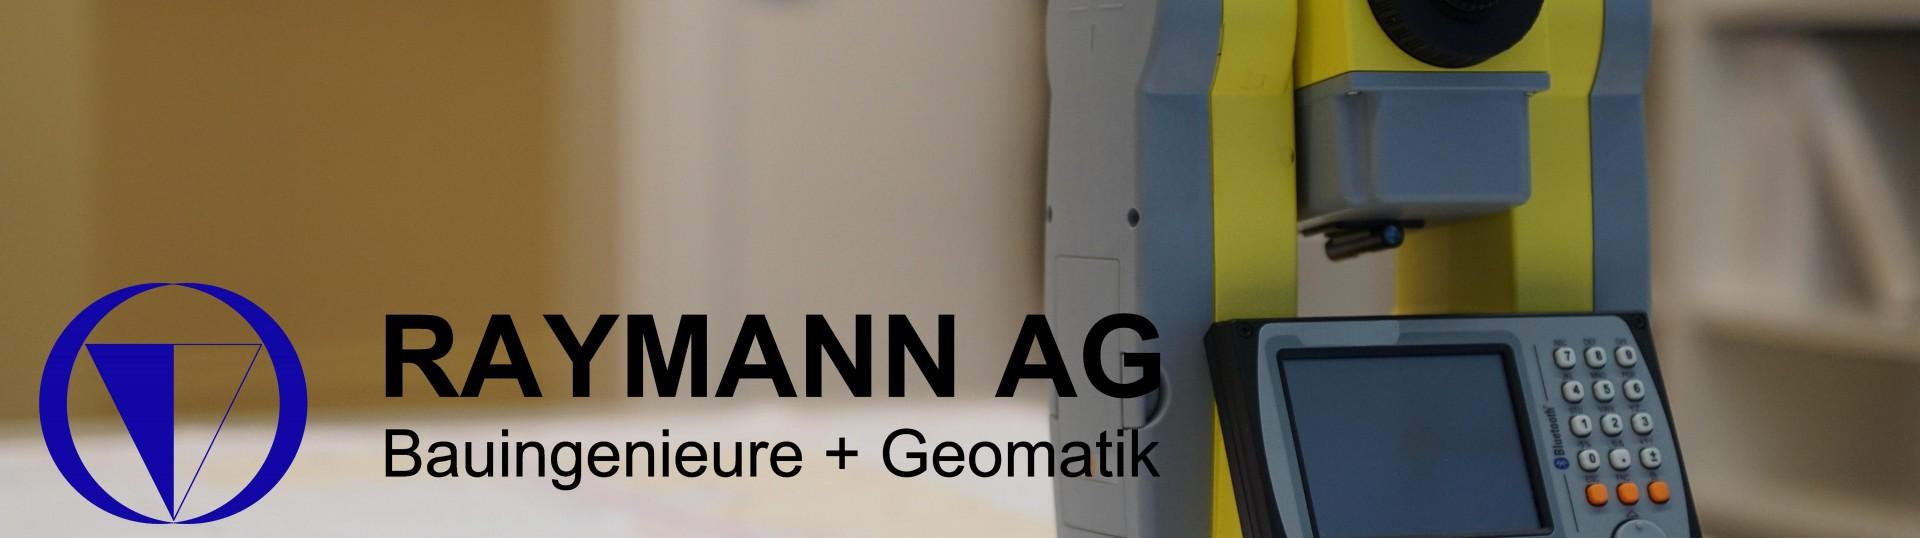 Raymann AG